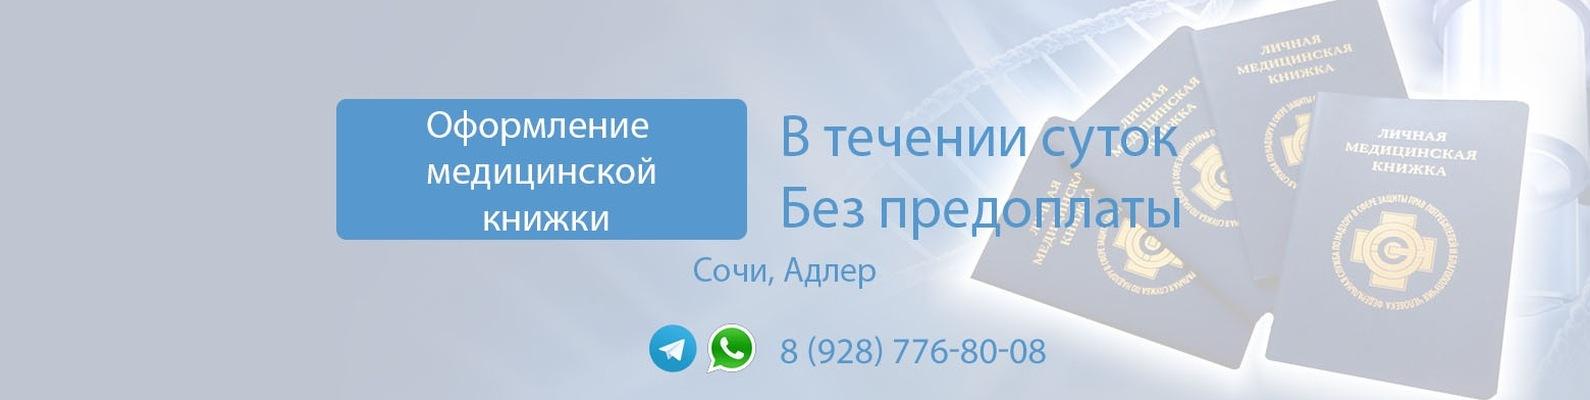 Центром гигиены и эпидемиологии Краснозаводск медицинская книжка